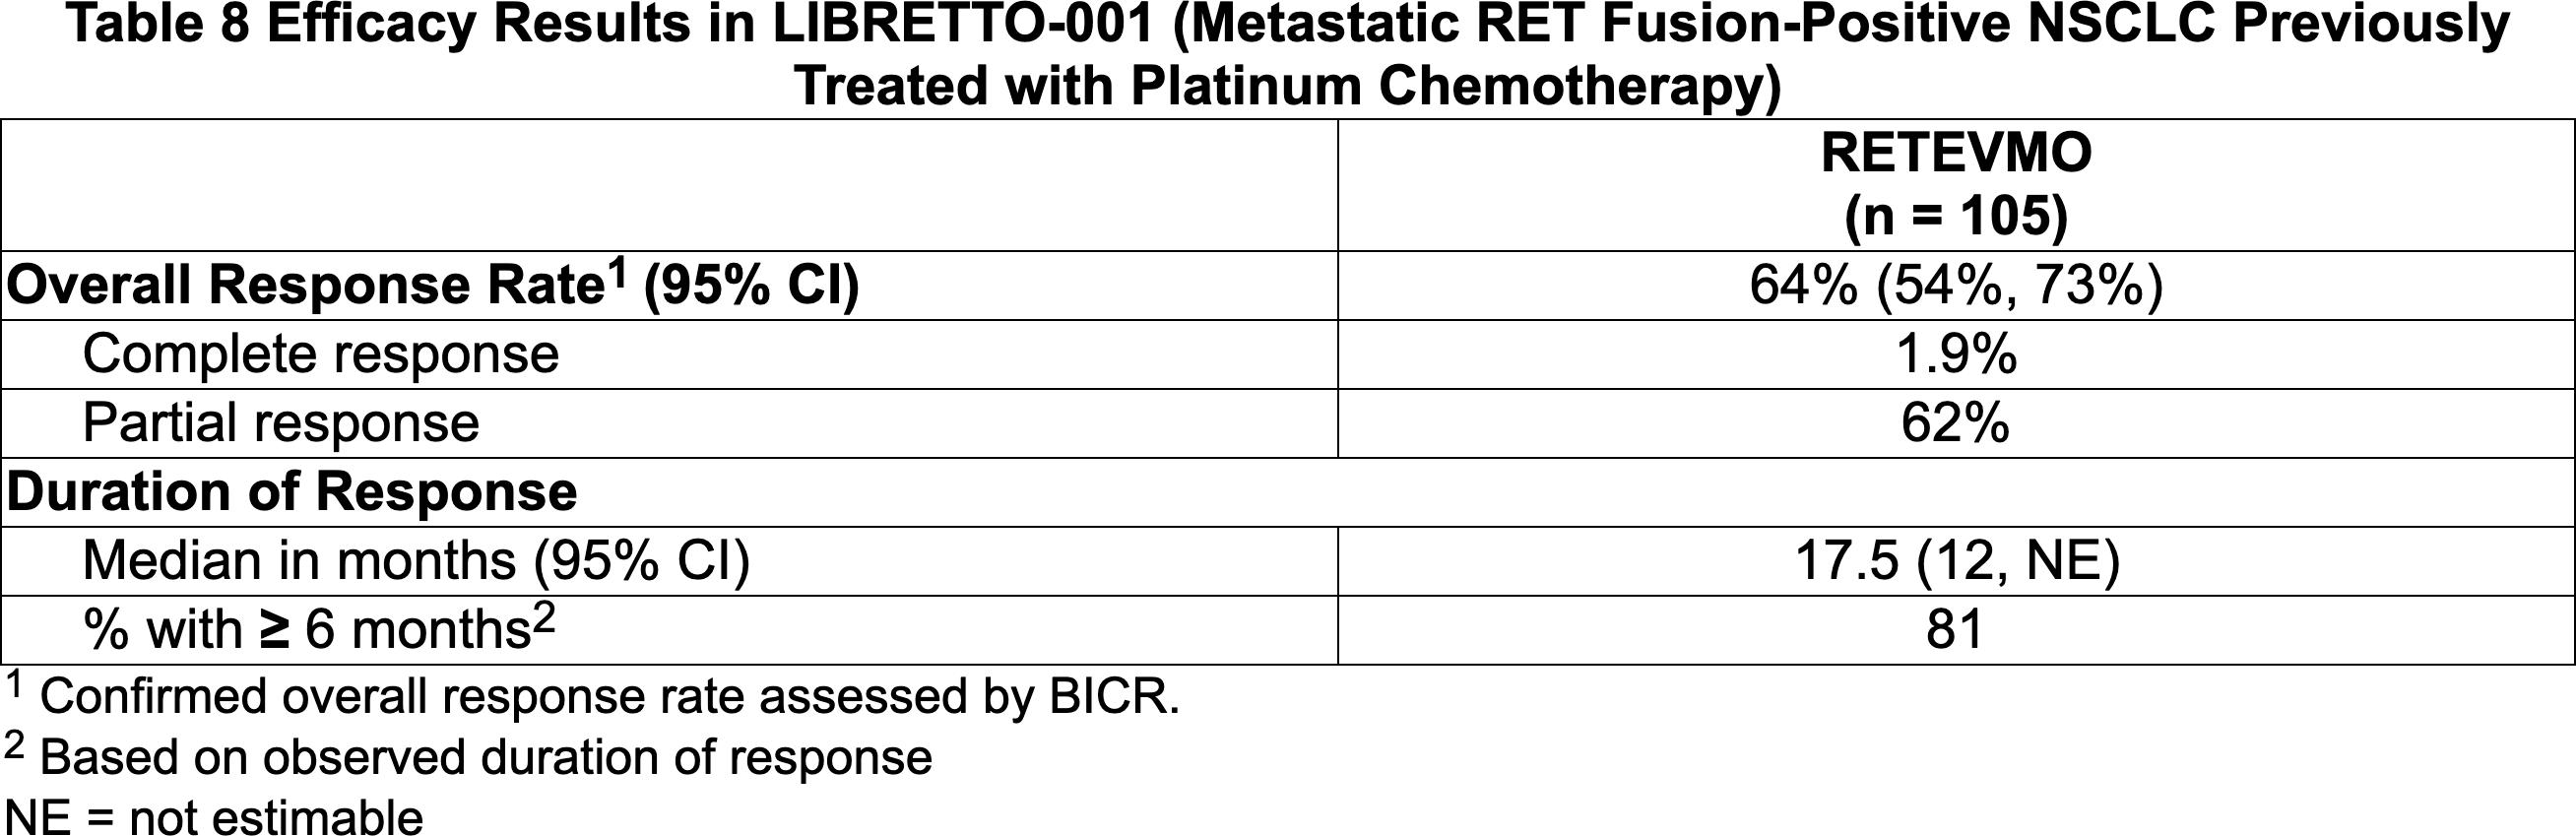 nct03157128 results 01 - «Ретевмо»: первое лекарство против RET-положительных опухолей